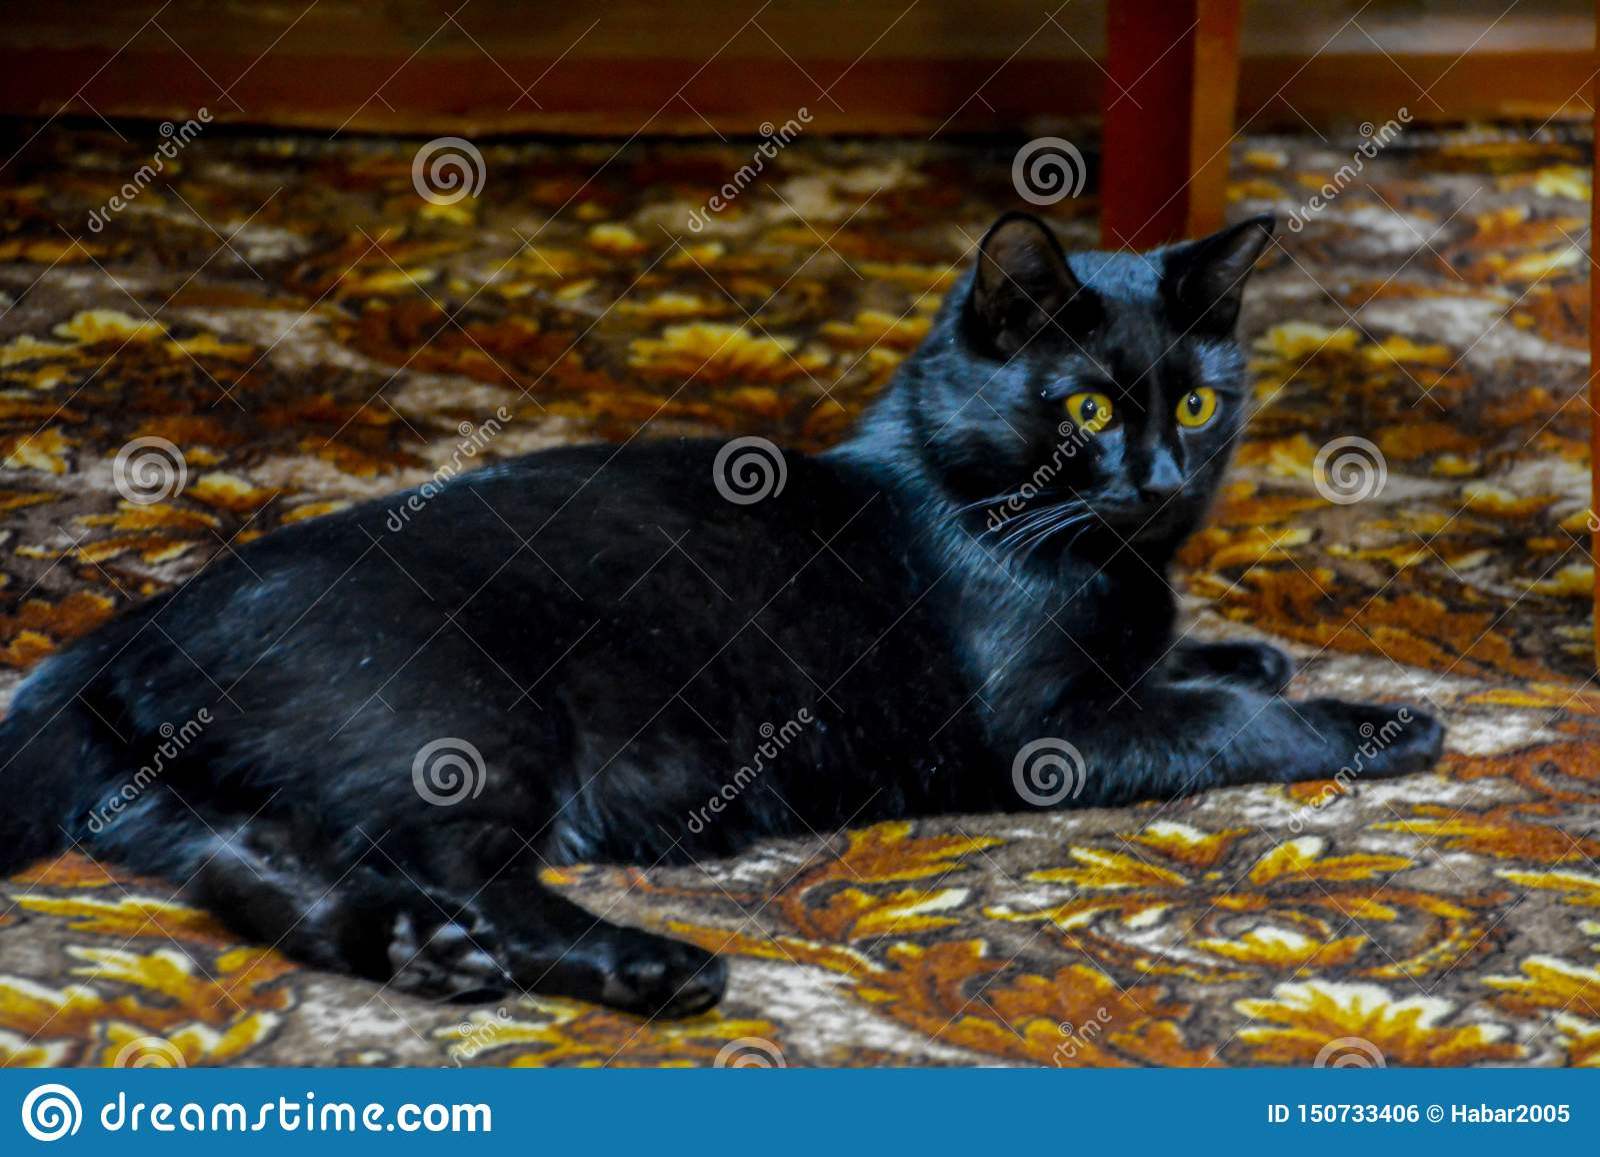 Die Schwarze Katze Mit Den Gelben Augen, Die Auf Dem